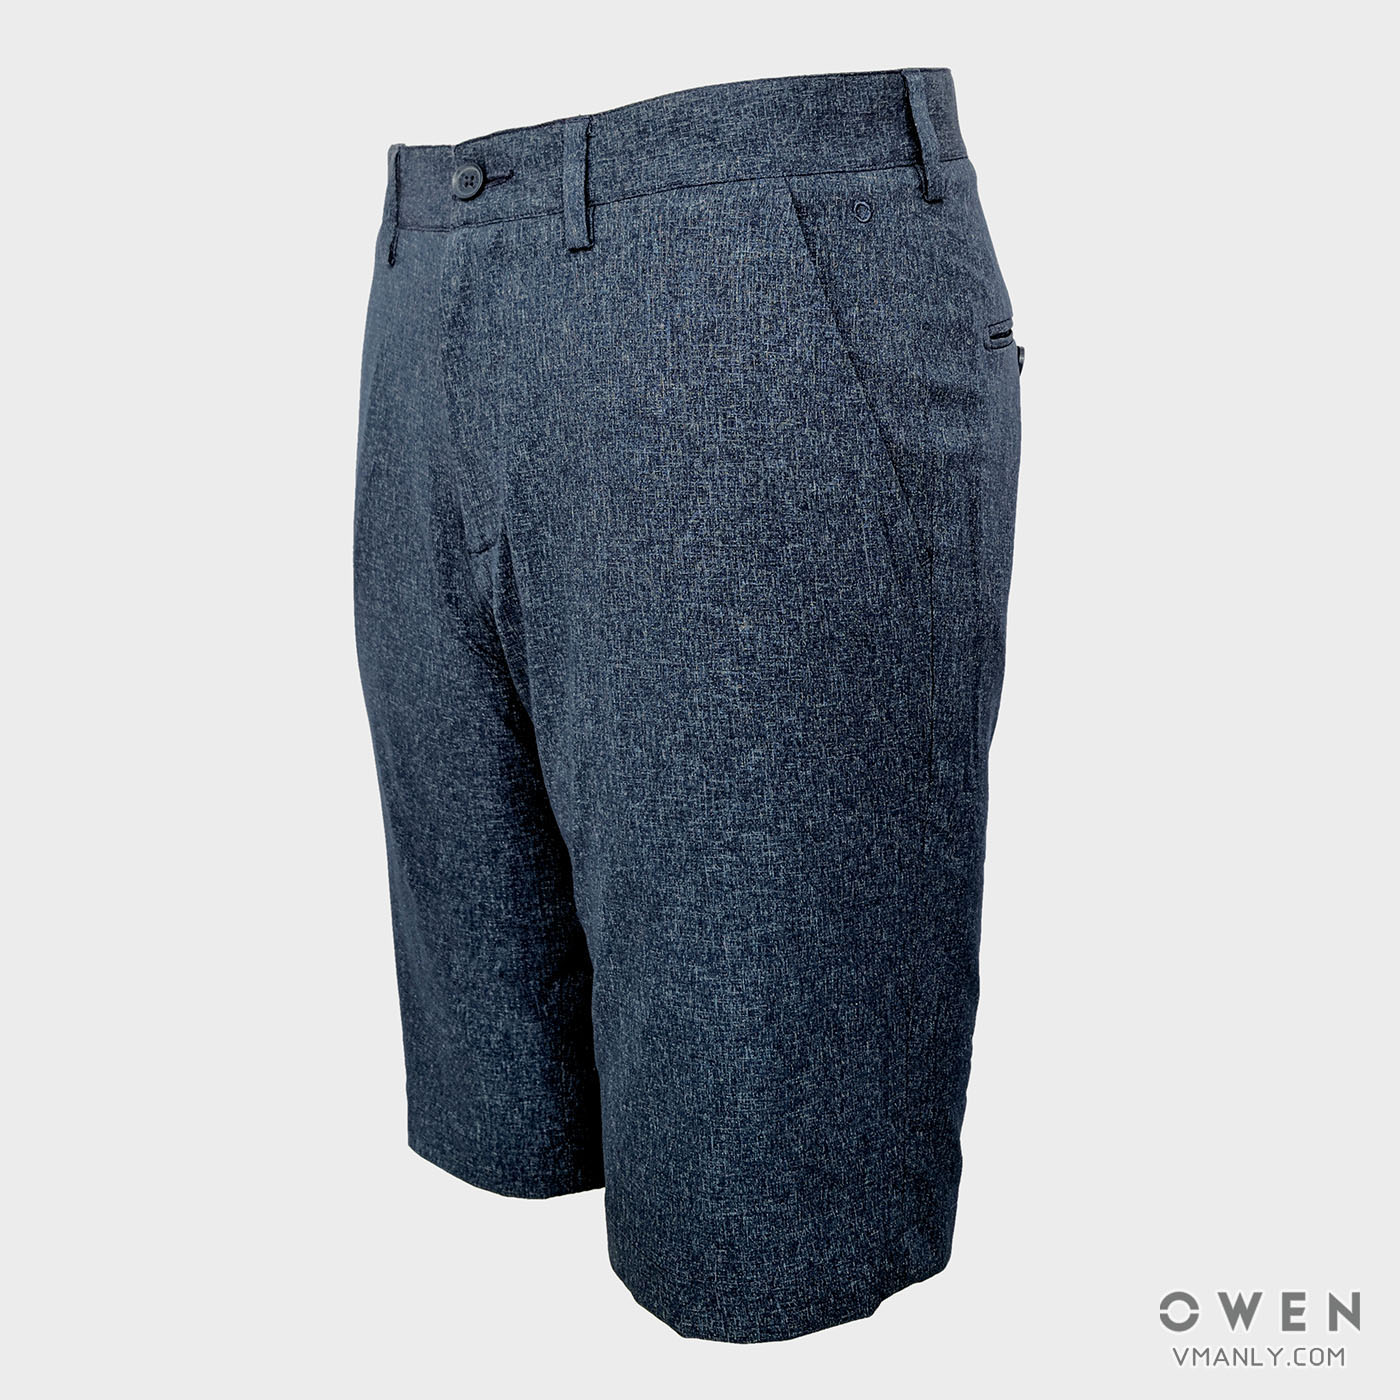 Quần short nam Owen màu xanh navy SV91237